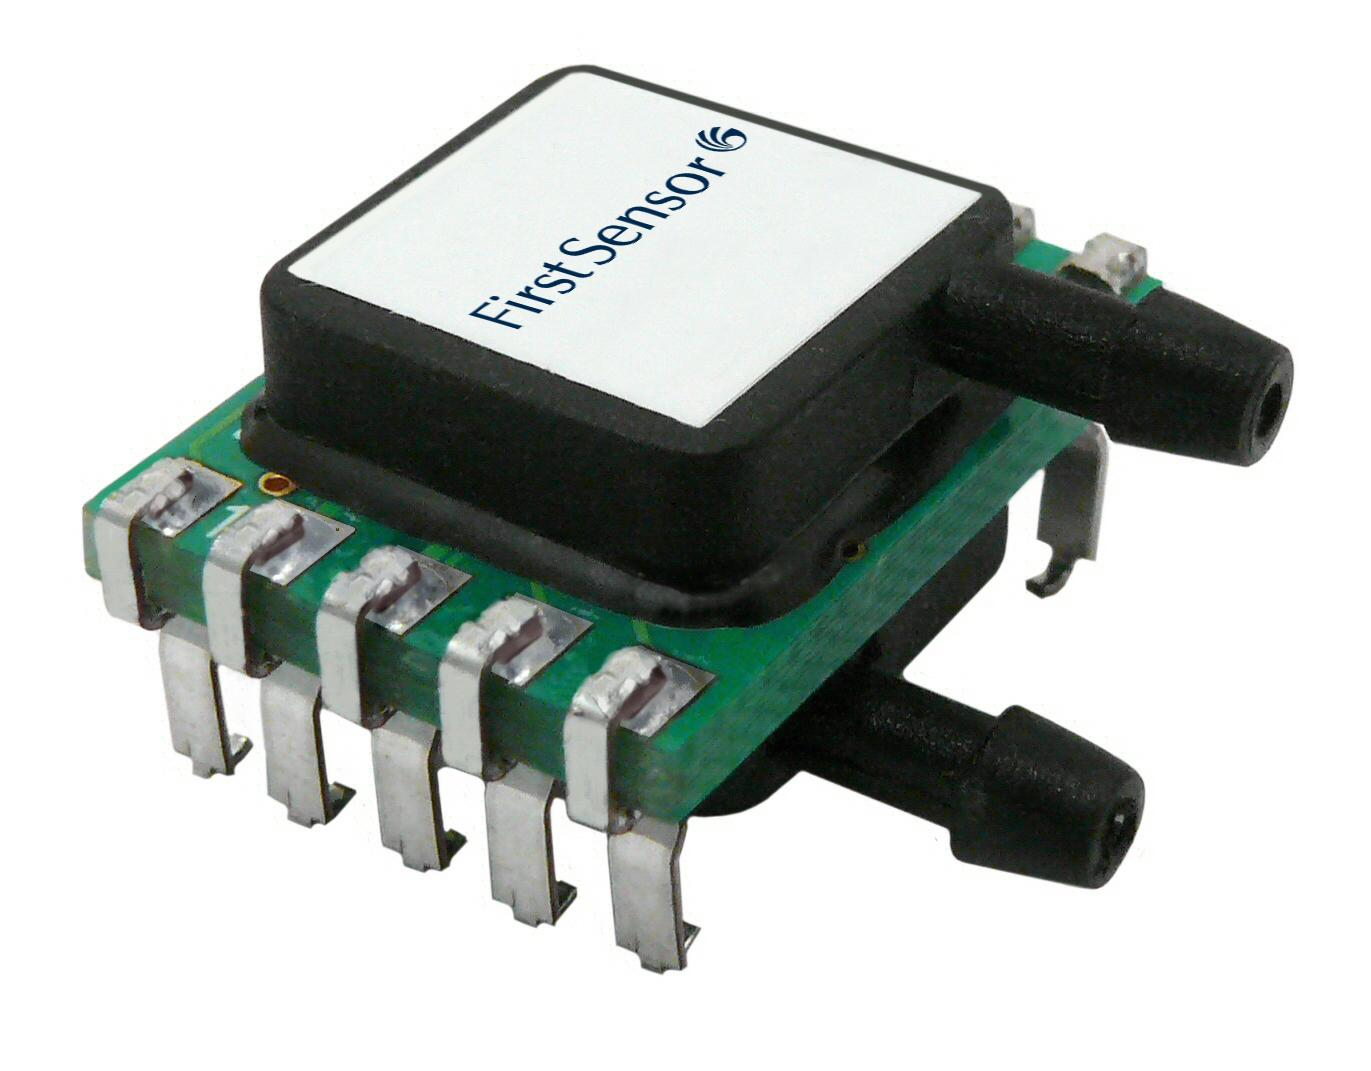 Digitale Niedrigstdrucksensoren ab 25 Pa mit sehr hoher Offsetstabilität und Genauigkeit